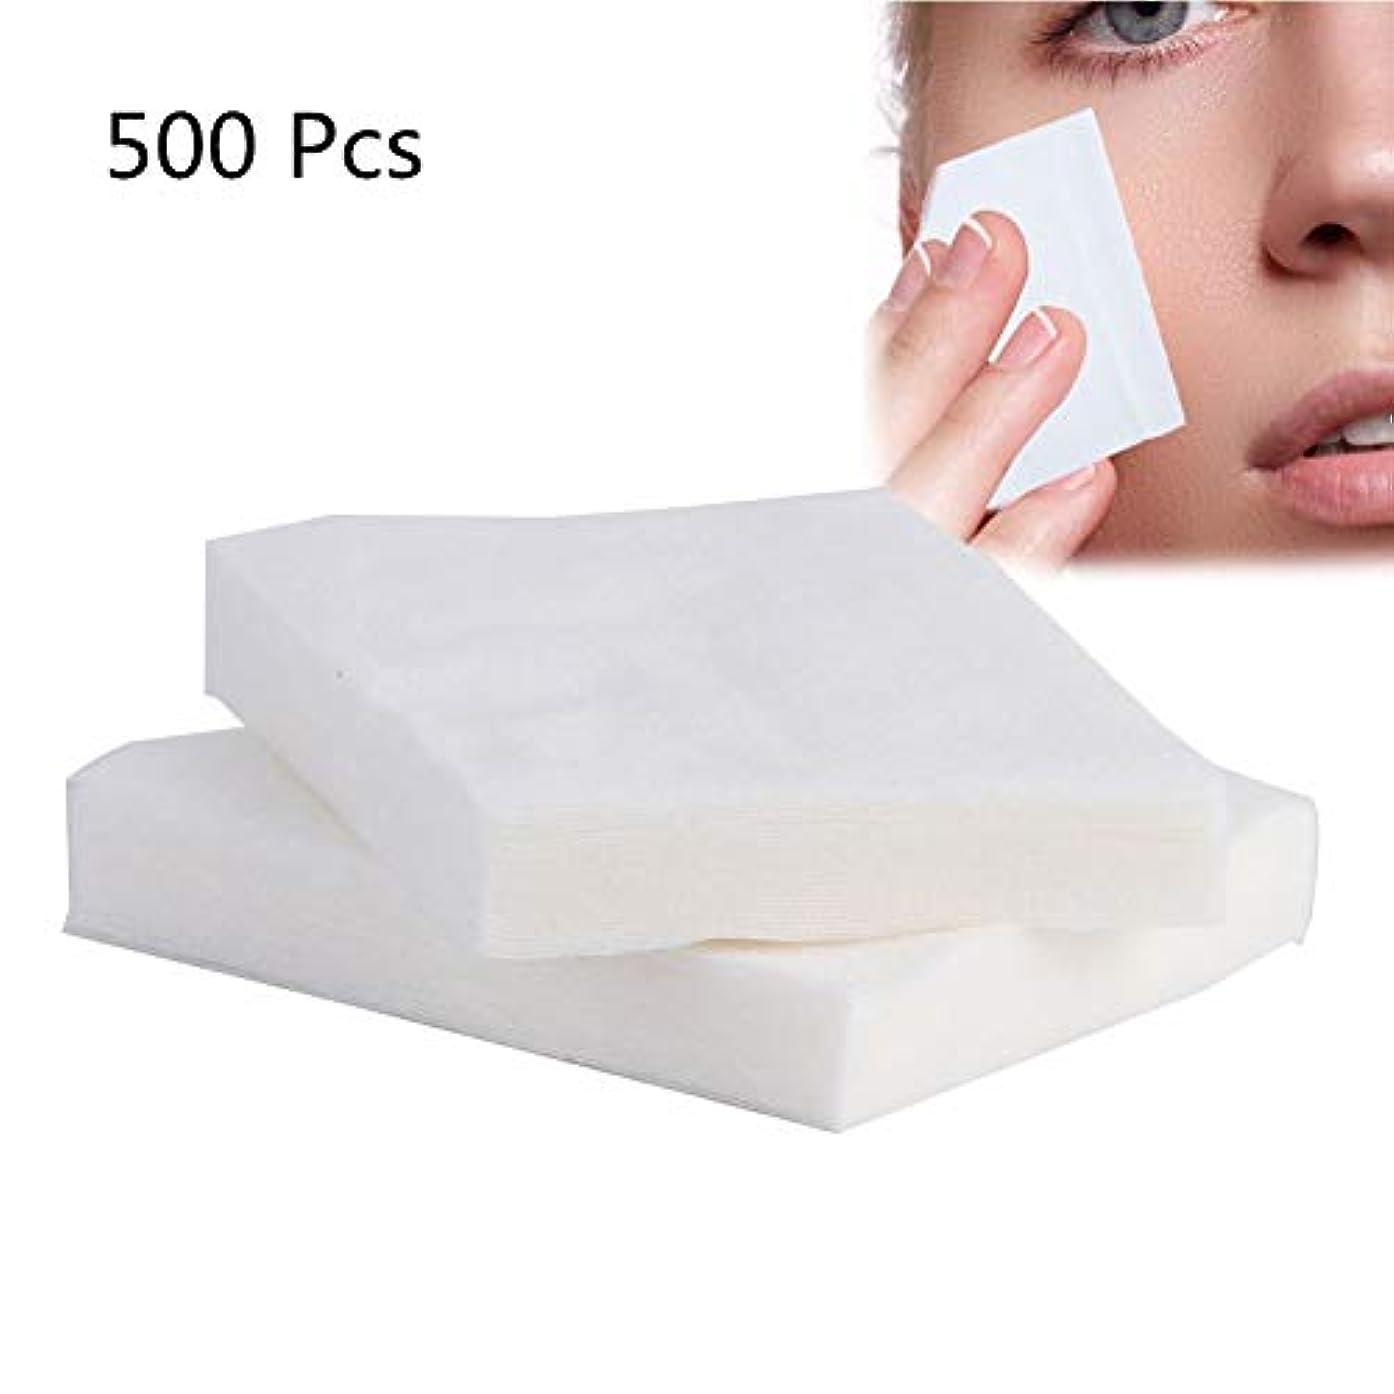 まあ利用可能皿500ピース綿棒、化粧用メイク落とし、洗顔、ウェット/ドライ/フェイス/メイク落とし用